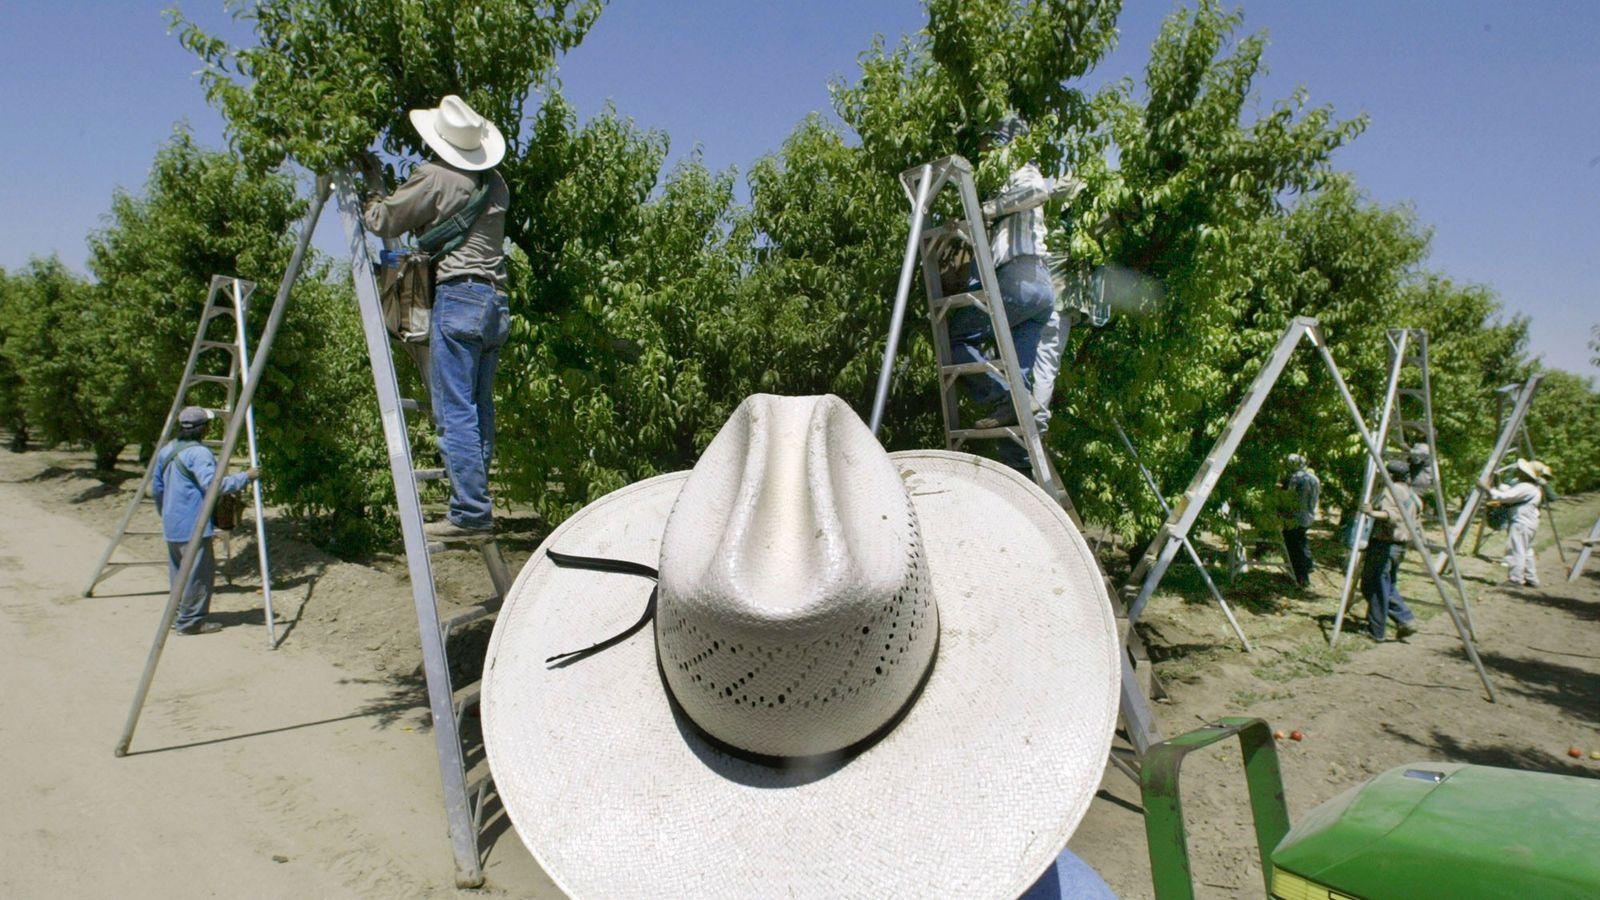 Un contremaître regarde les travailleurs saisonniers cueillir des fruits dans un verger à Arvin, en Californie, ...